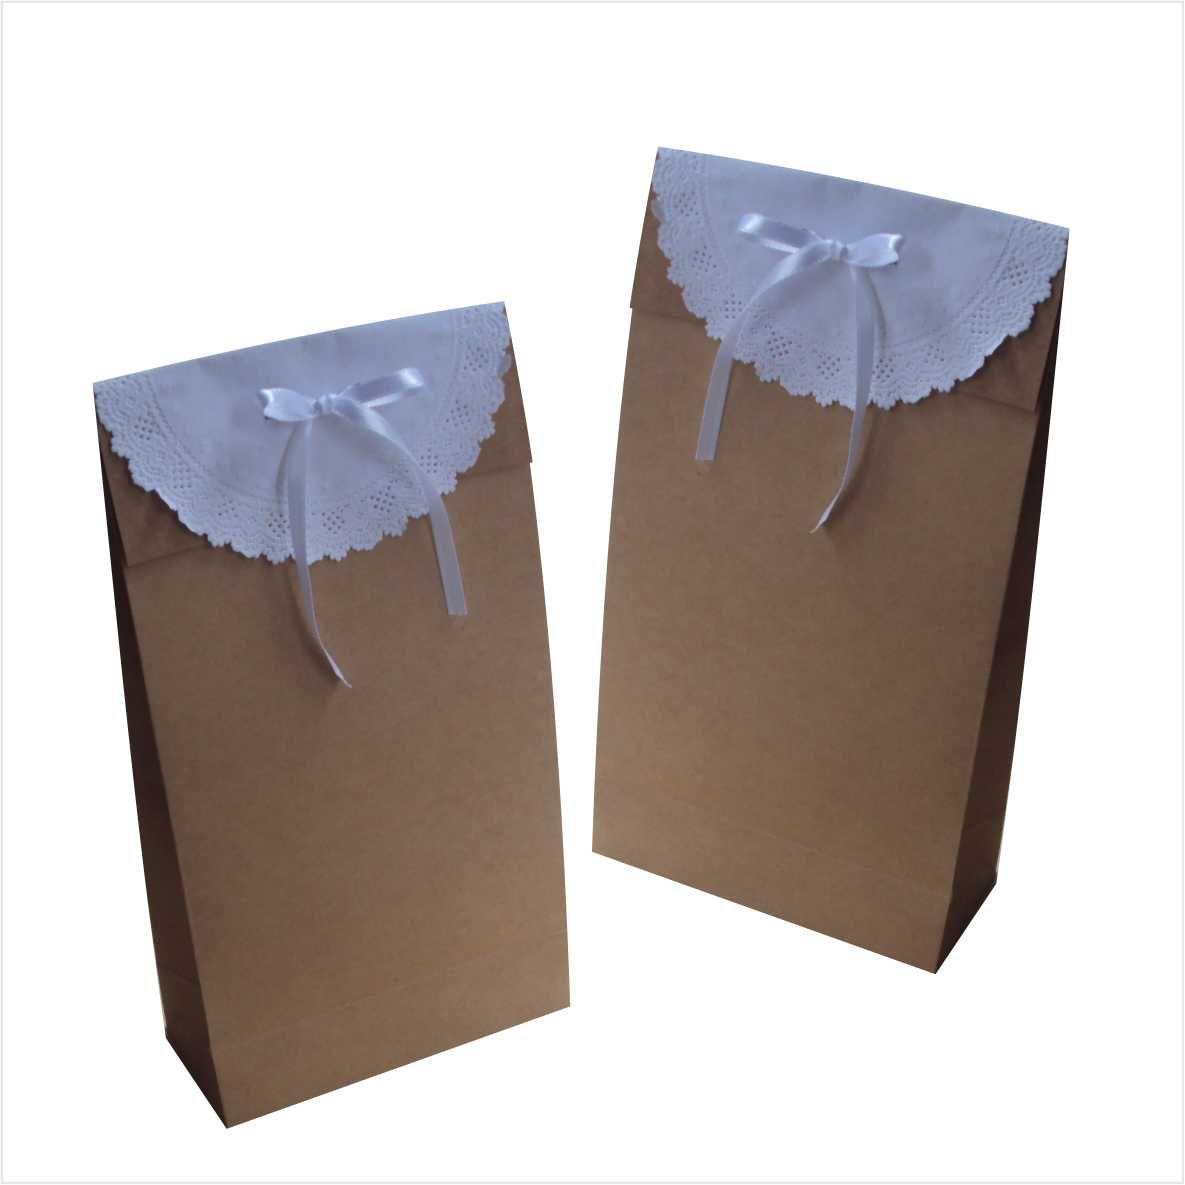 Saco kraft medio com papel rendado (15x27x7 cm) - cor parda - 10 unidades